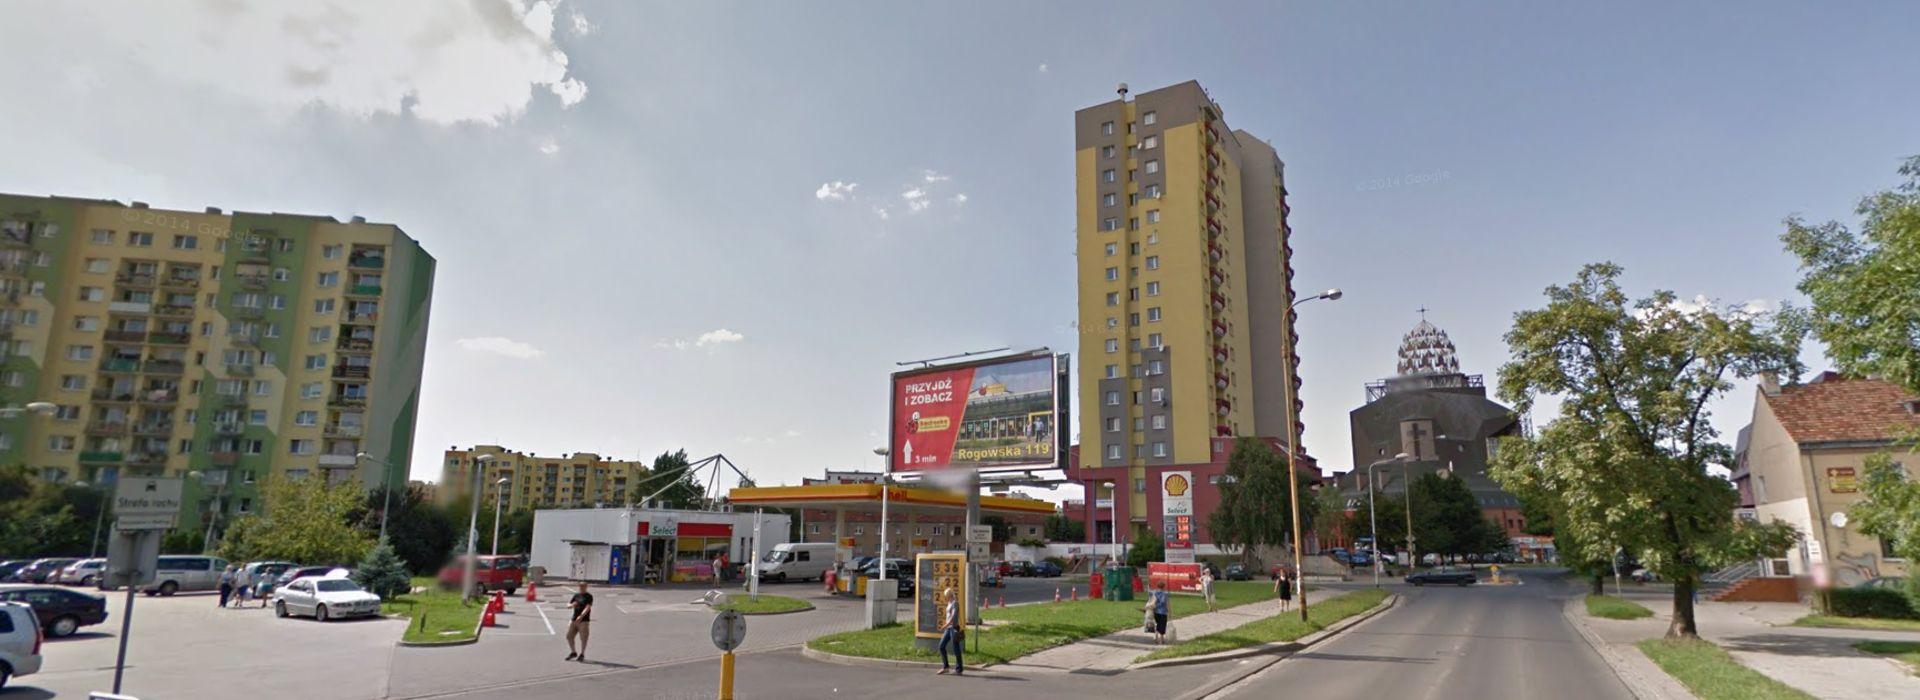 Nowy Dwór Wroclaw